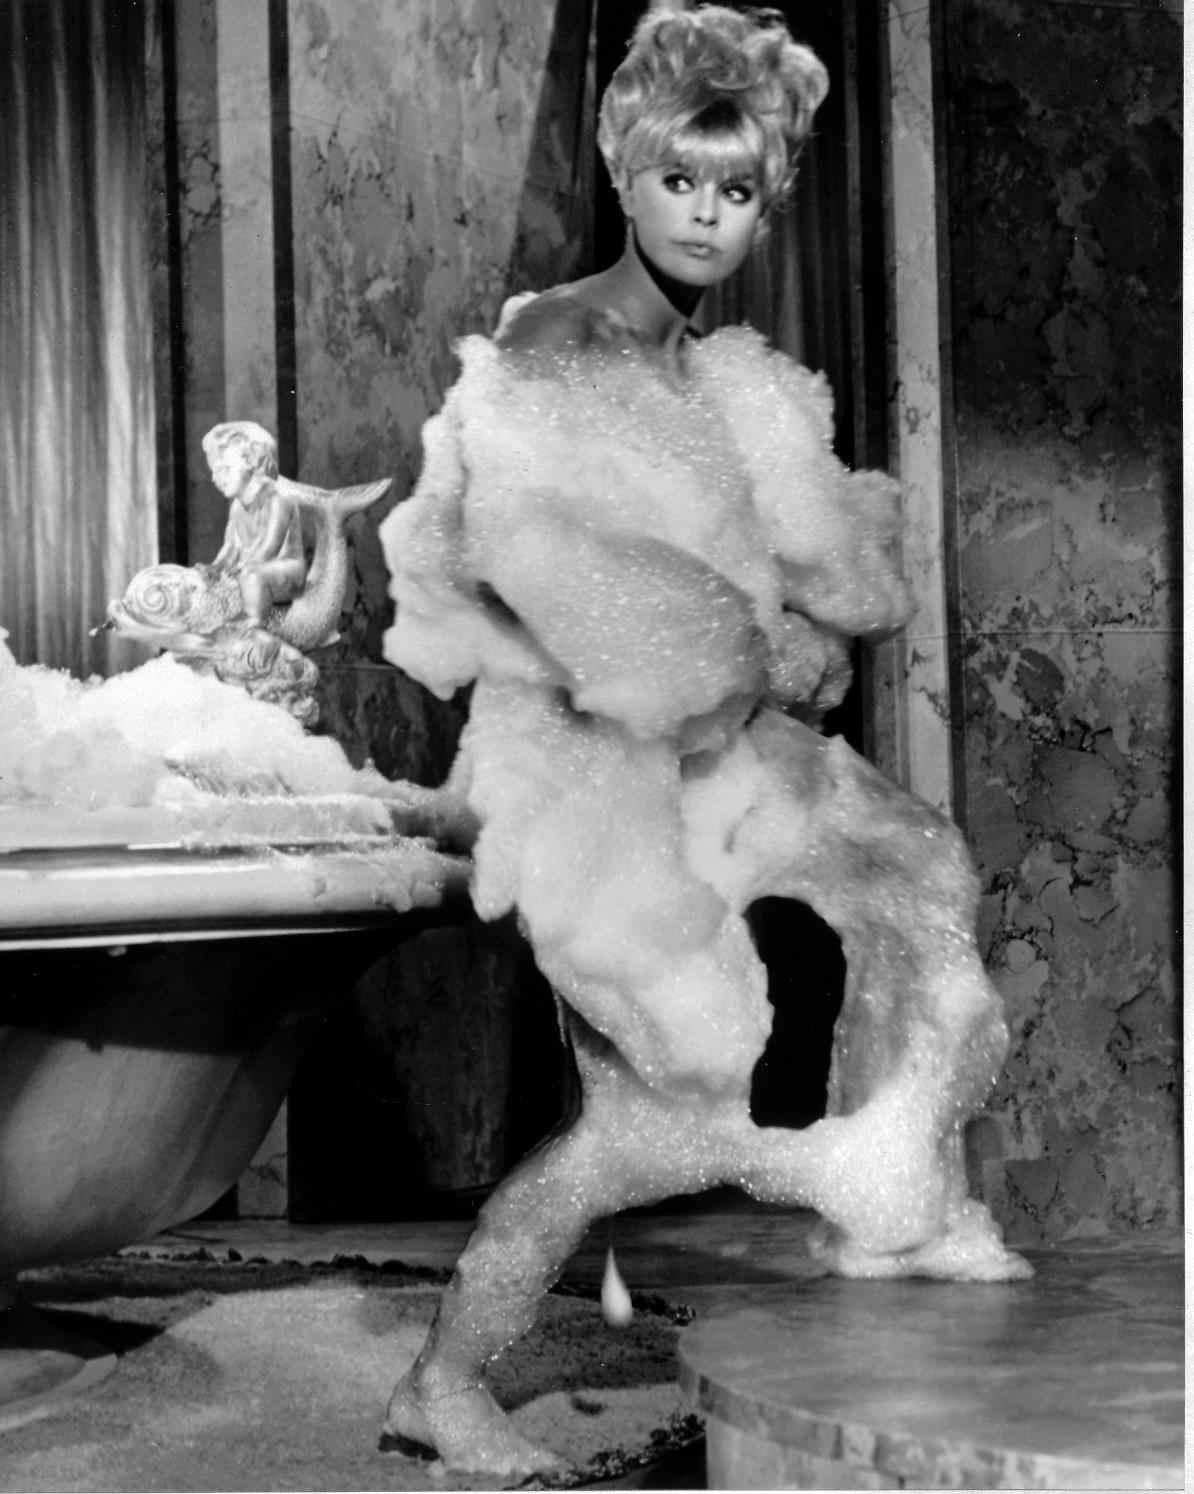 Elke Sommer Biografia fotos desnuda informacion